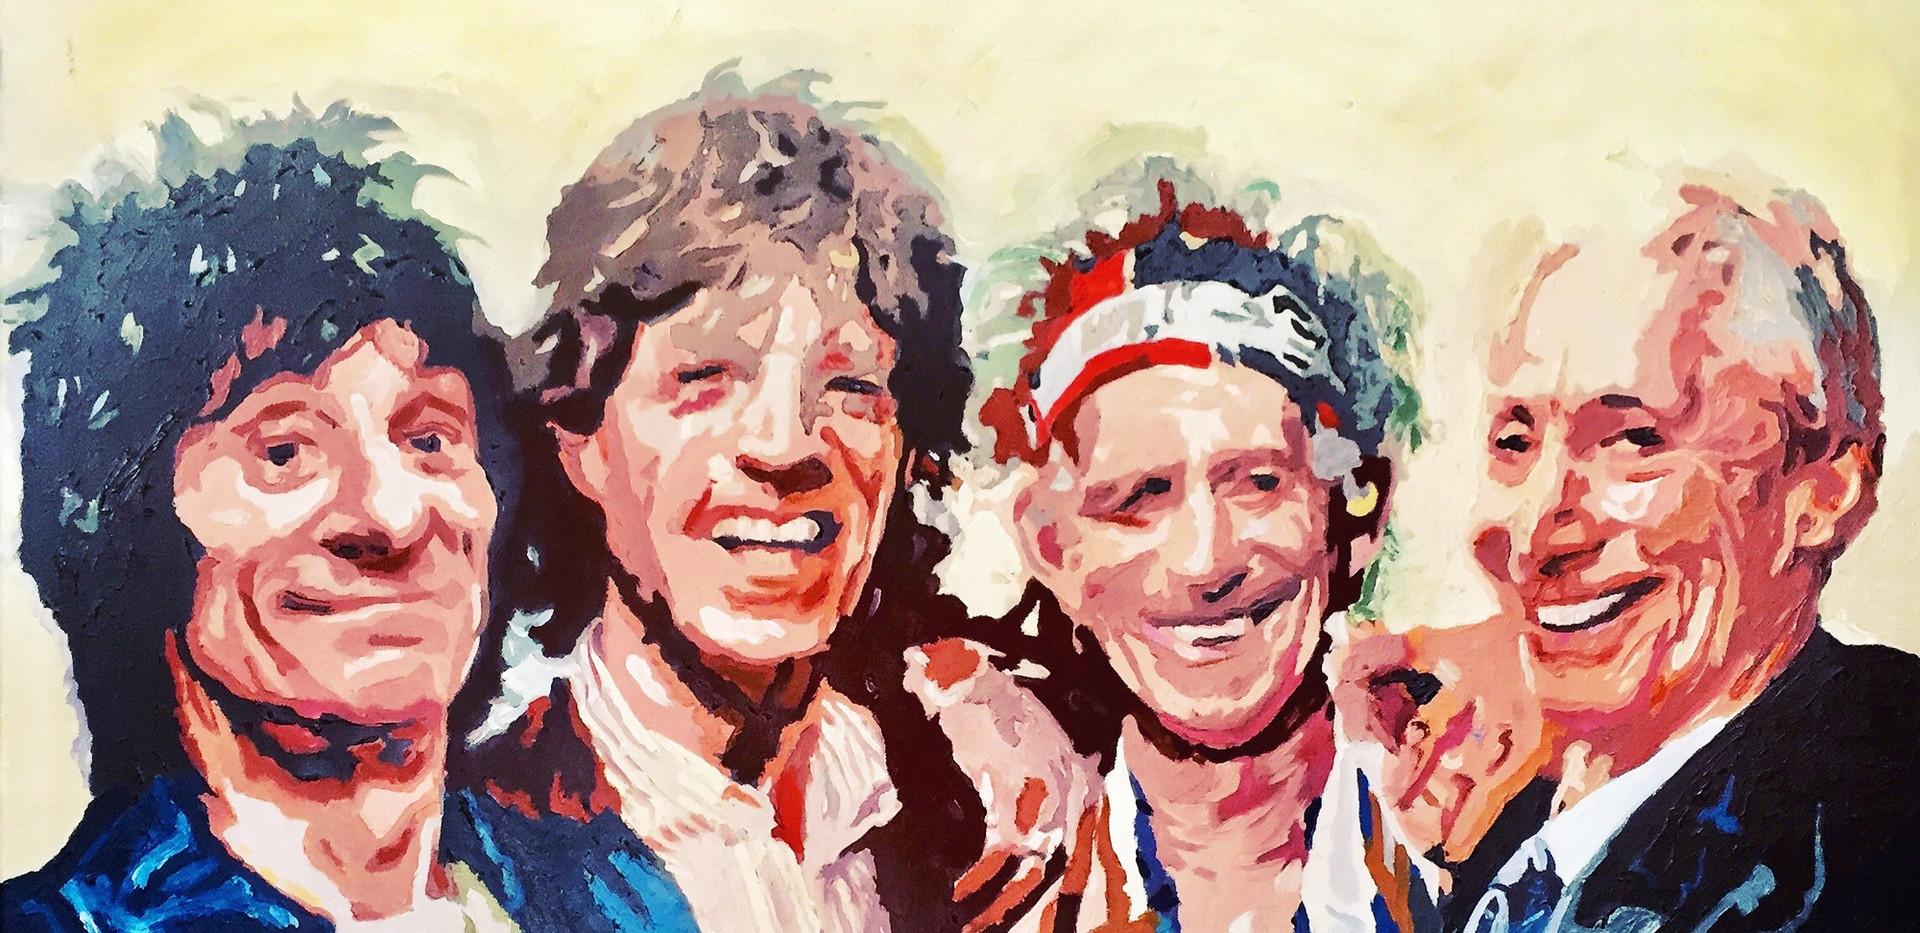 Rolling_Stones_Öl_auf_Leinen_90_x_110_cm